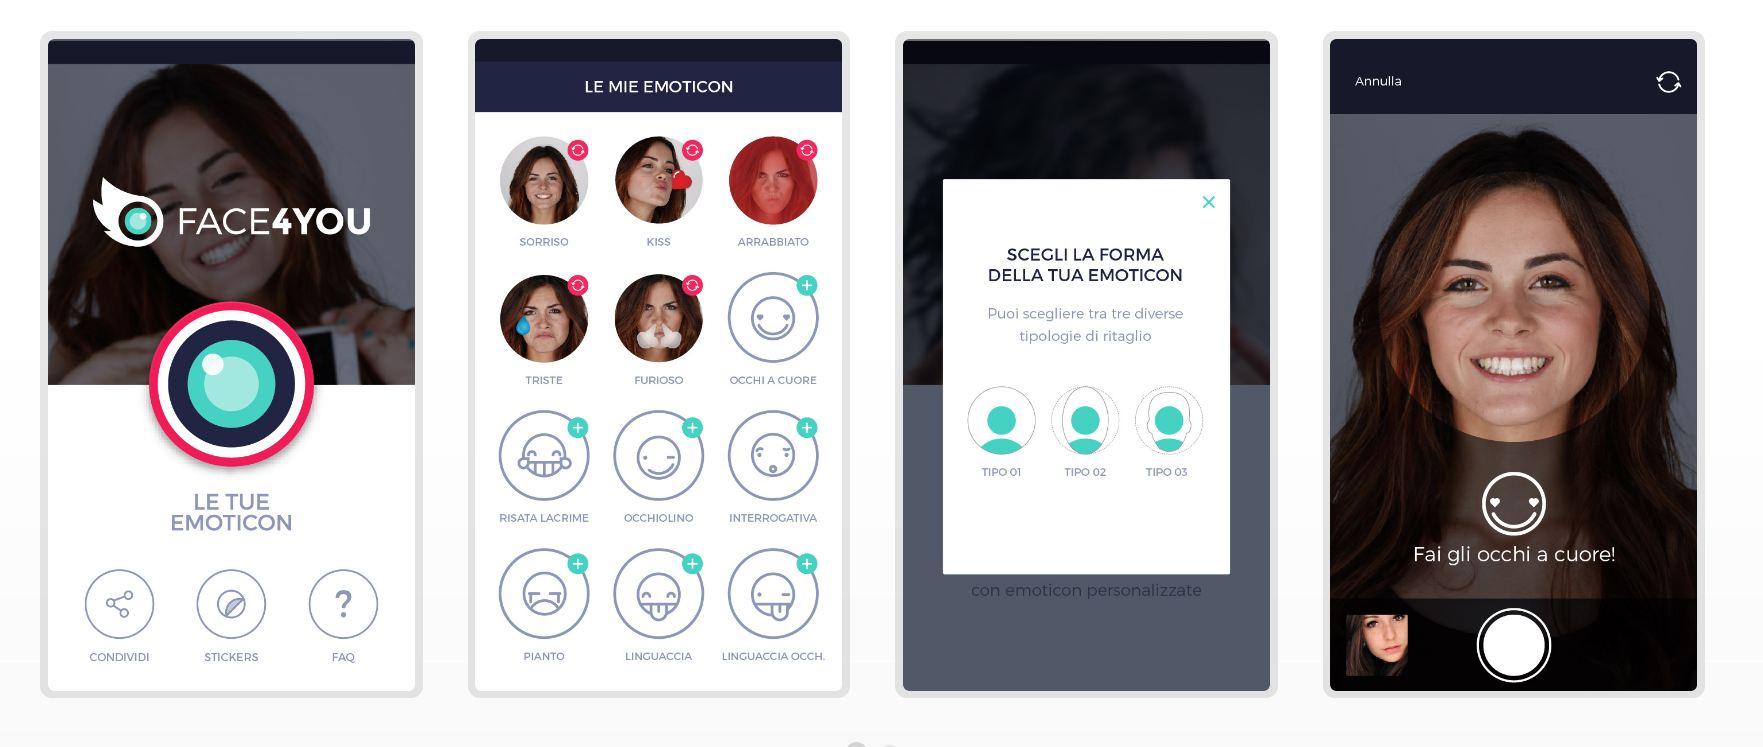 App Face4You crea emoticon con il proprio viso 2